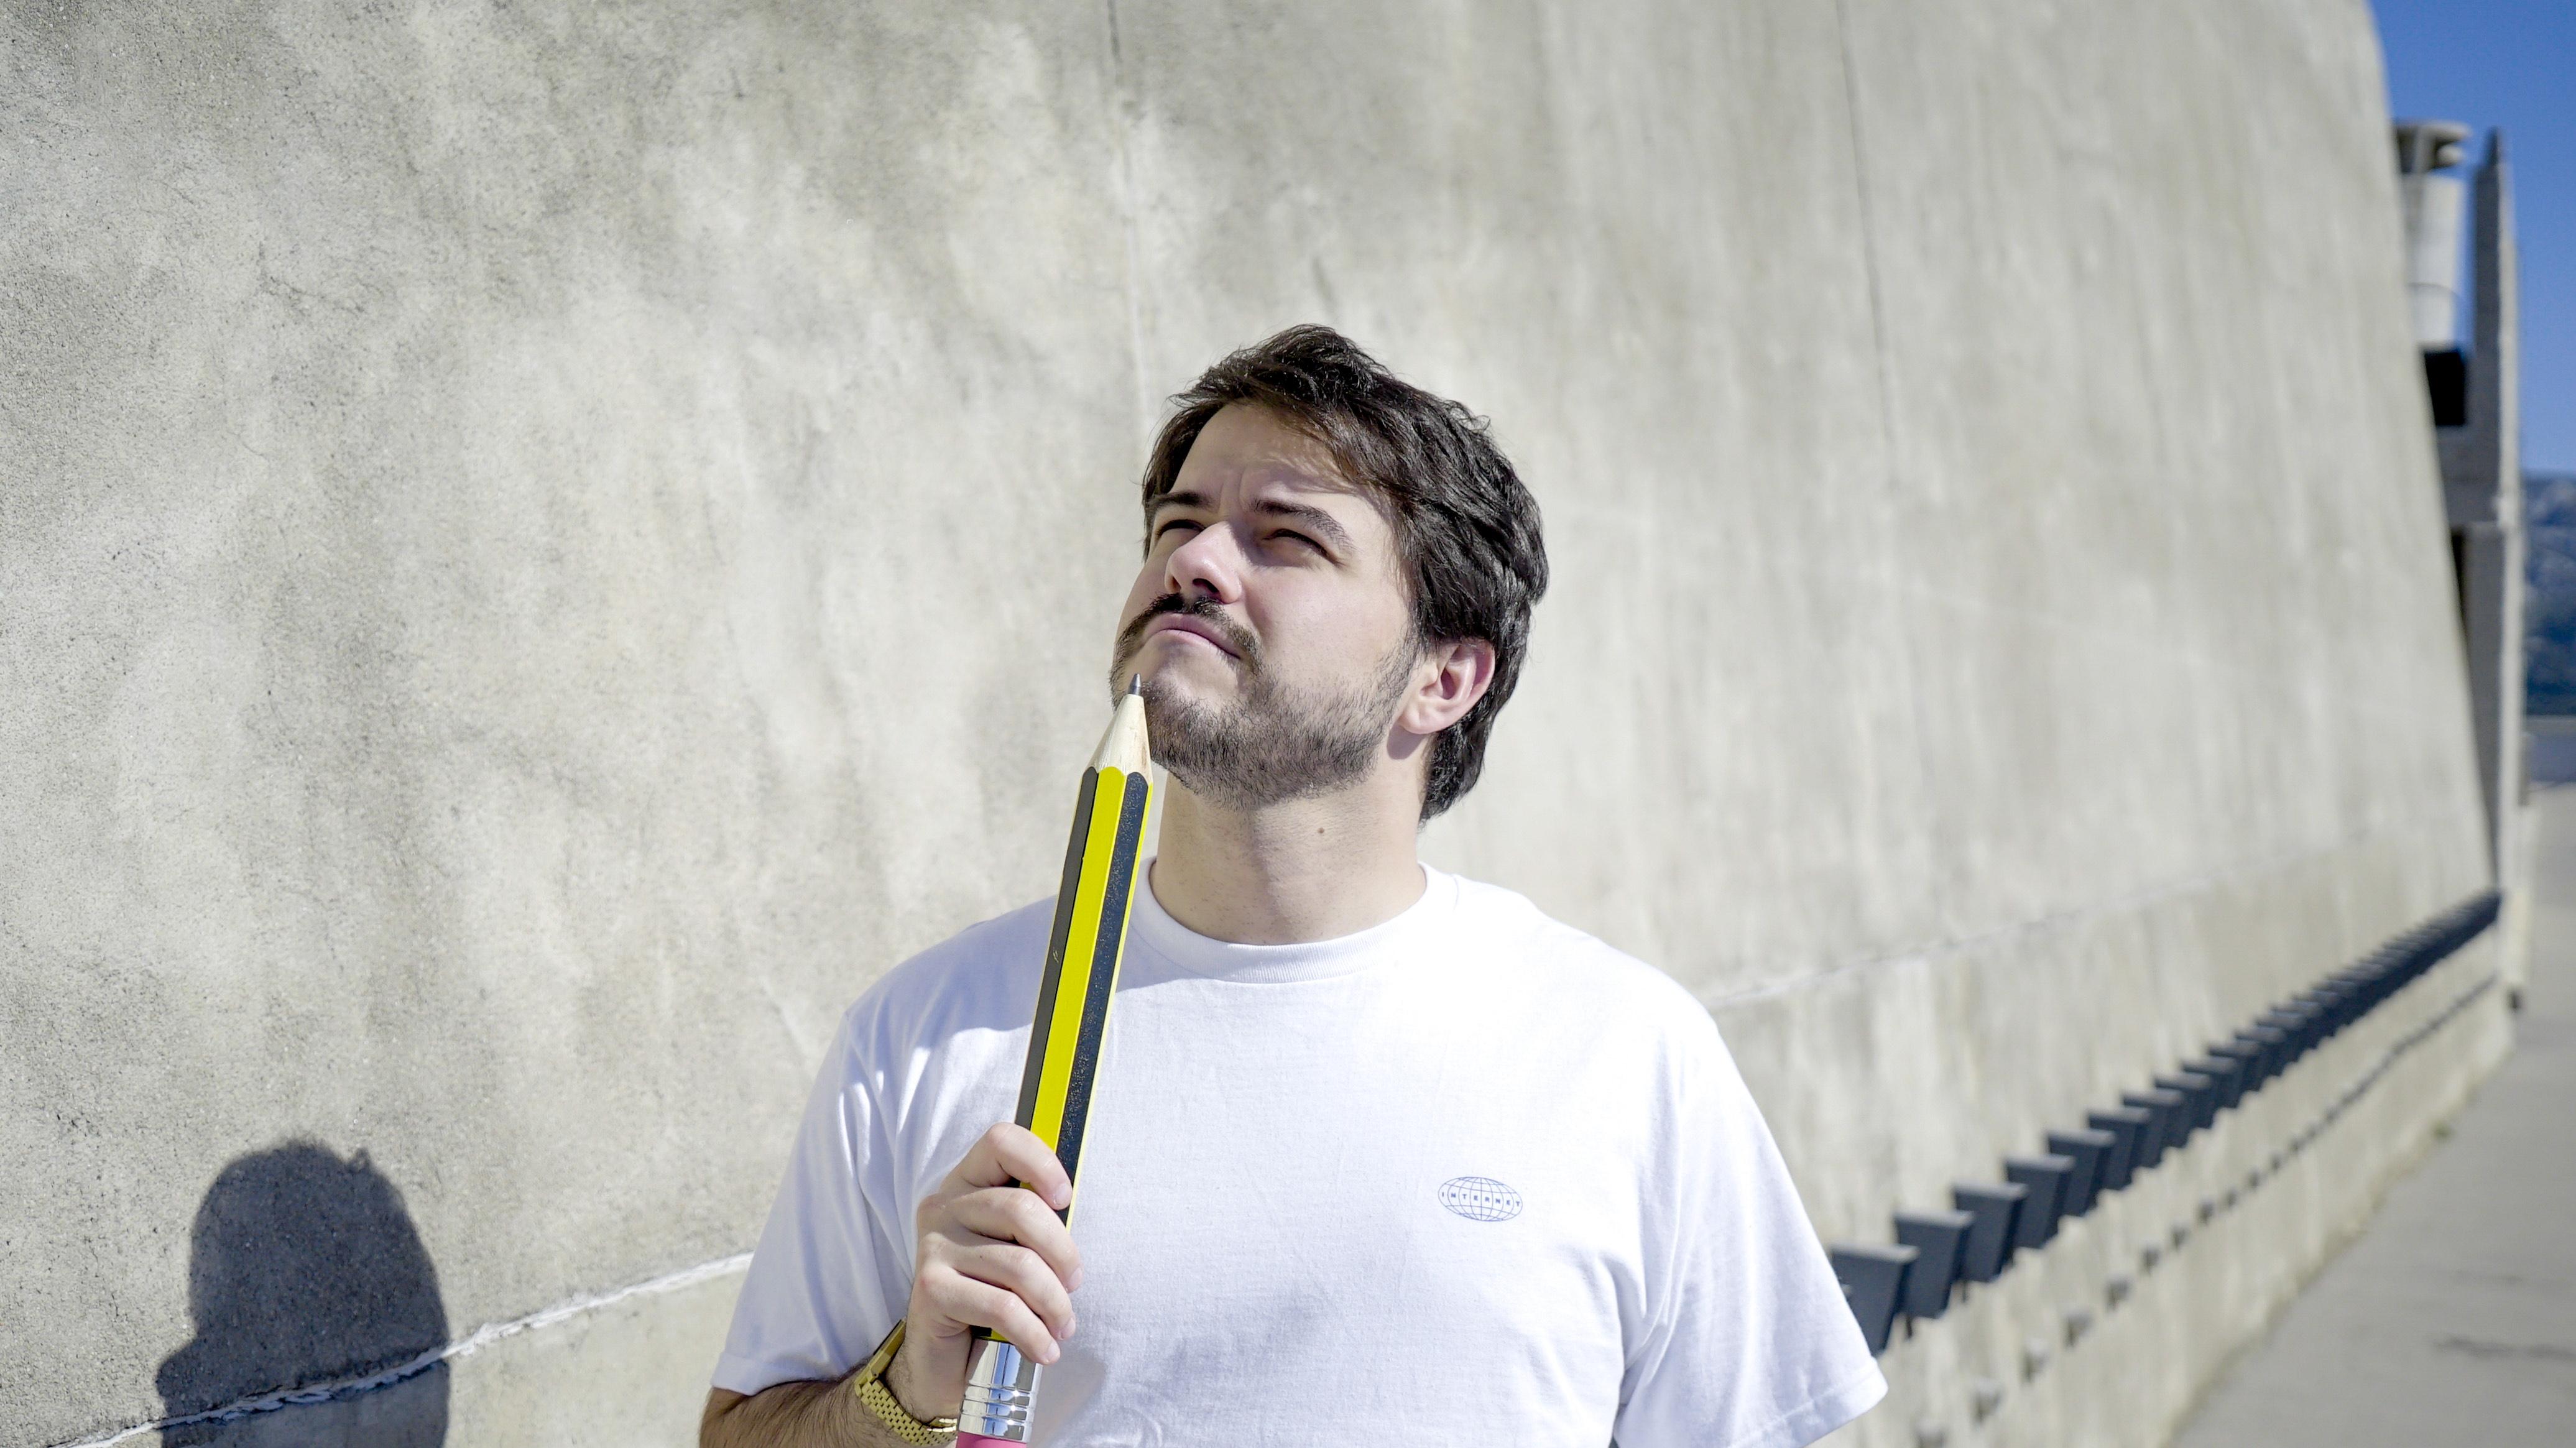 Un jeune homme tient un crayon géant.